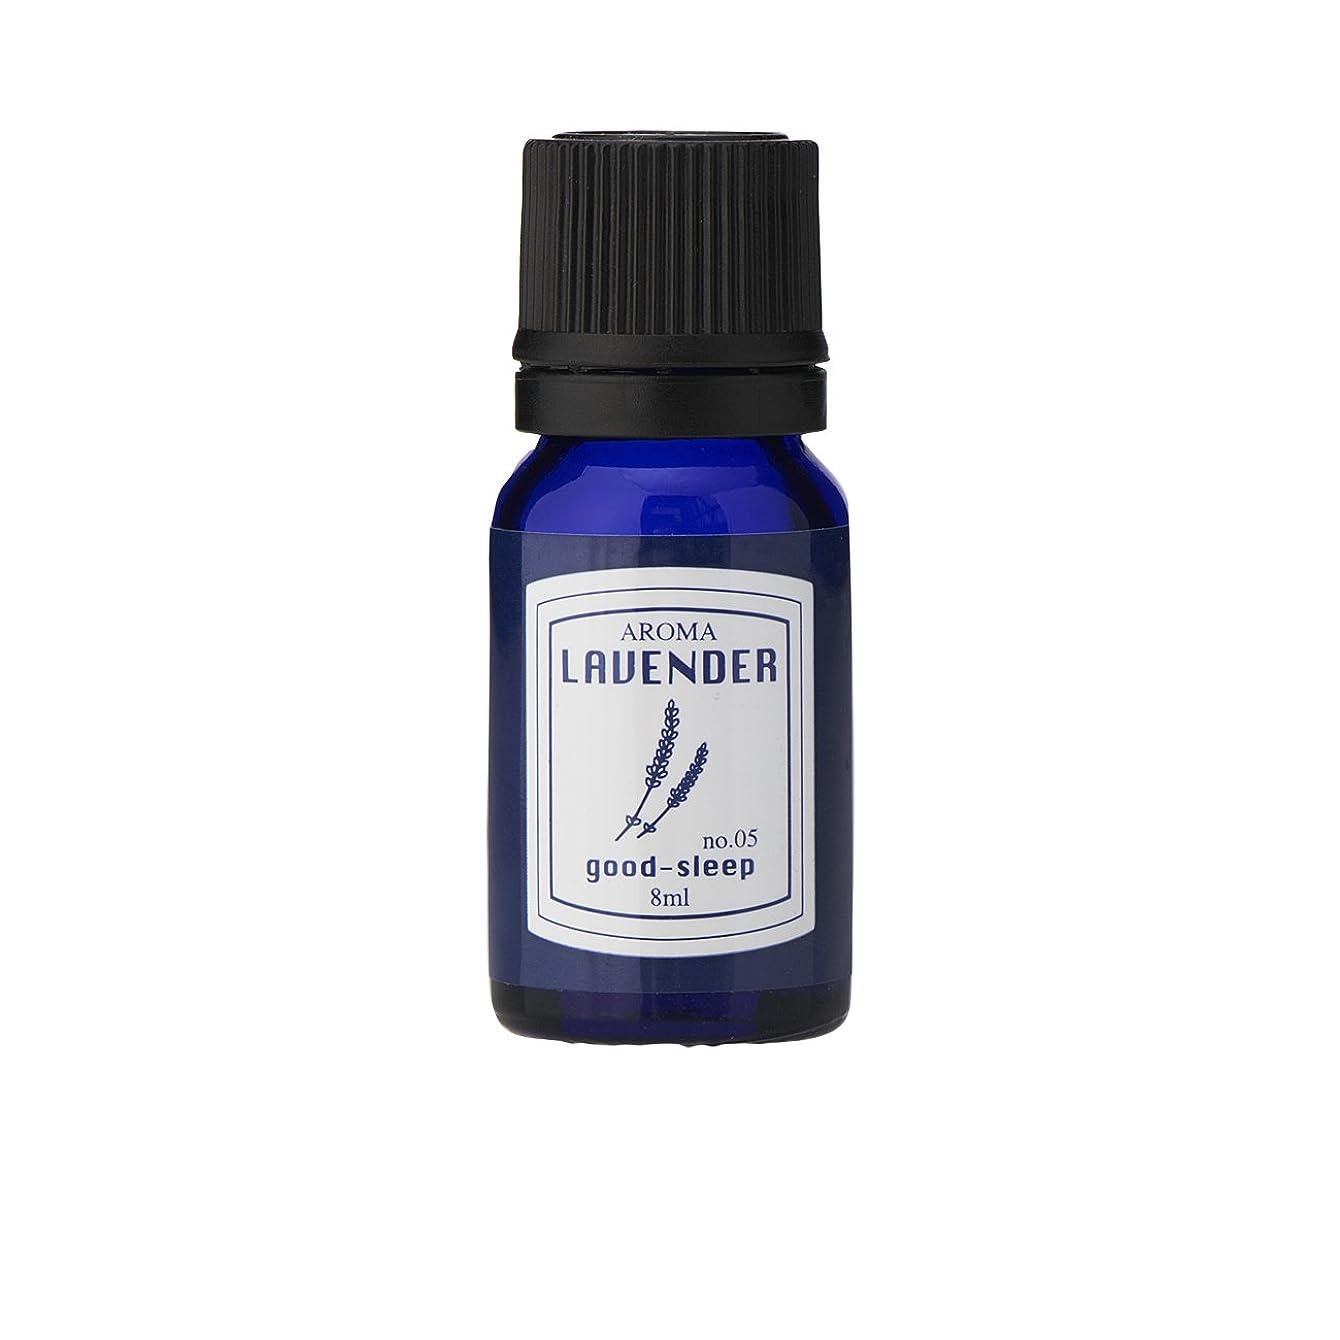 紫の飲み込む偽物ブルーラベル アロマエッセンス8ml ラベンダー(アロマオイル 調合香料 芳香用 心落ち着ける清々しい香り)